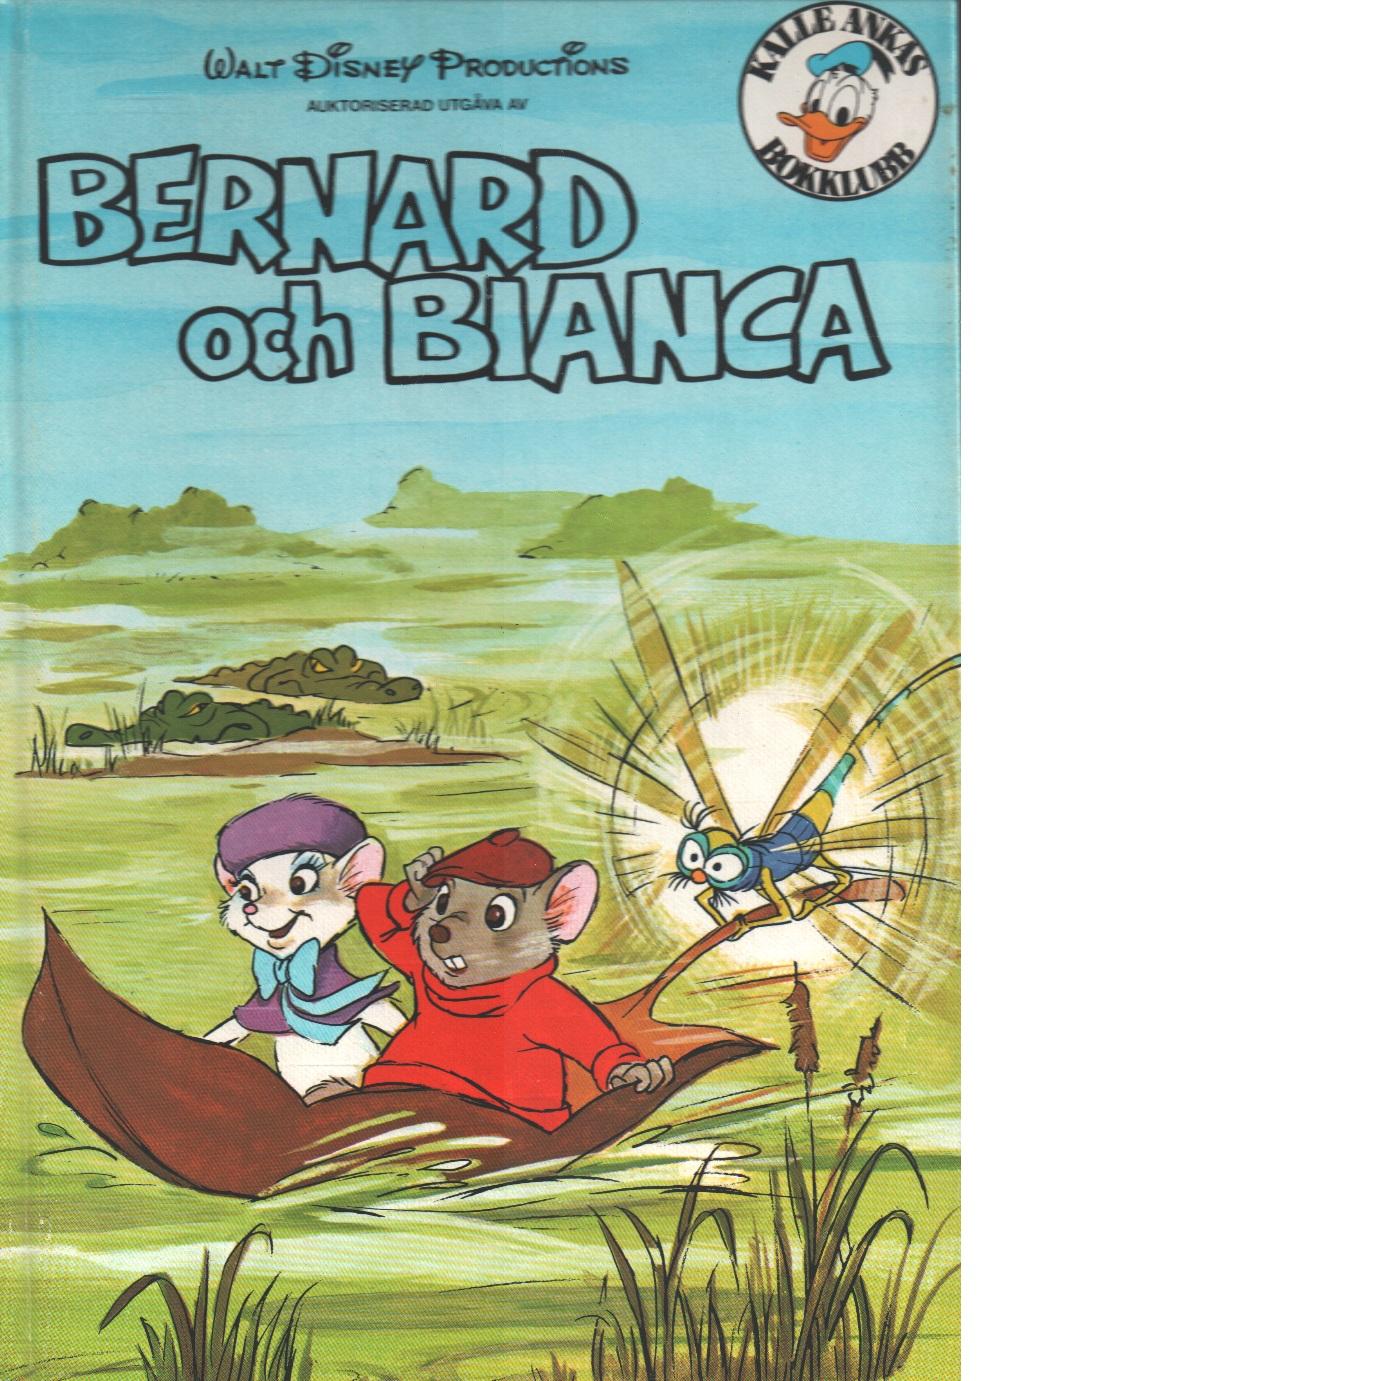 Bernard och Bianca. - Red.